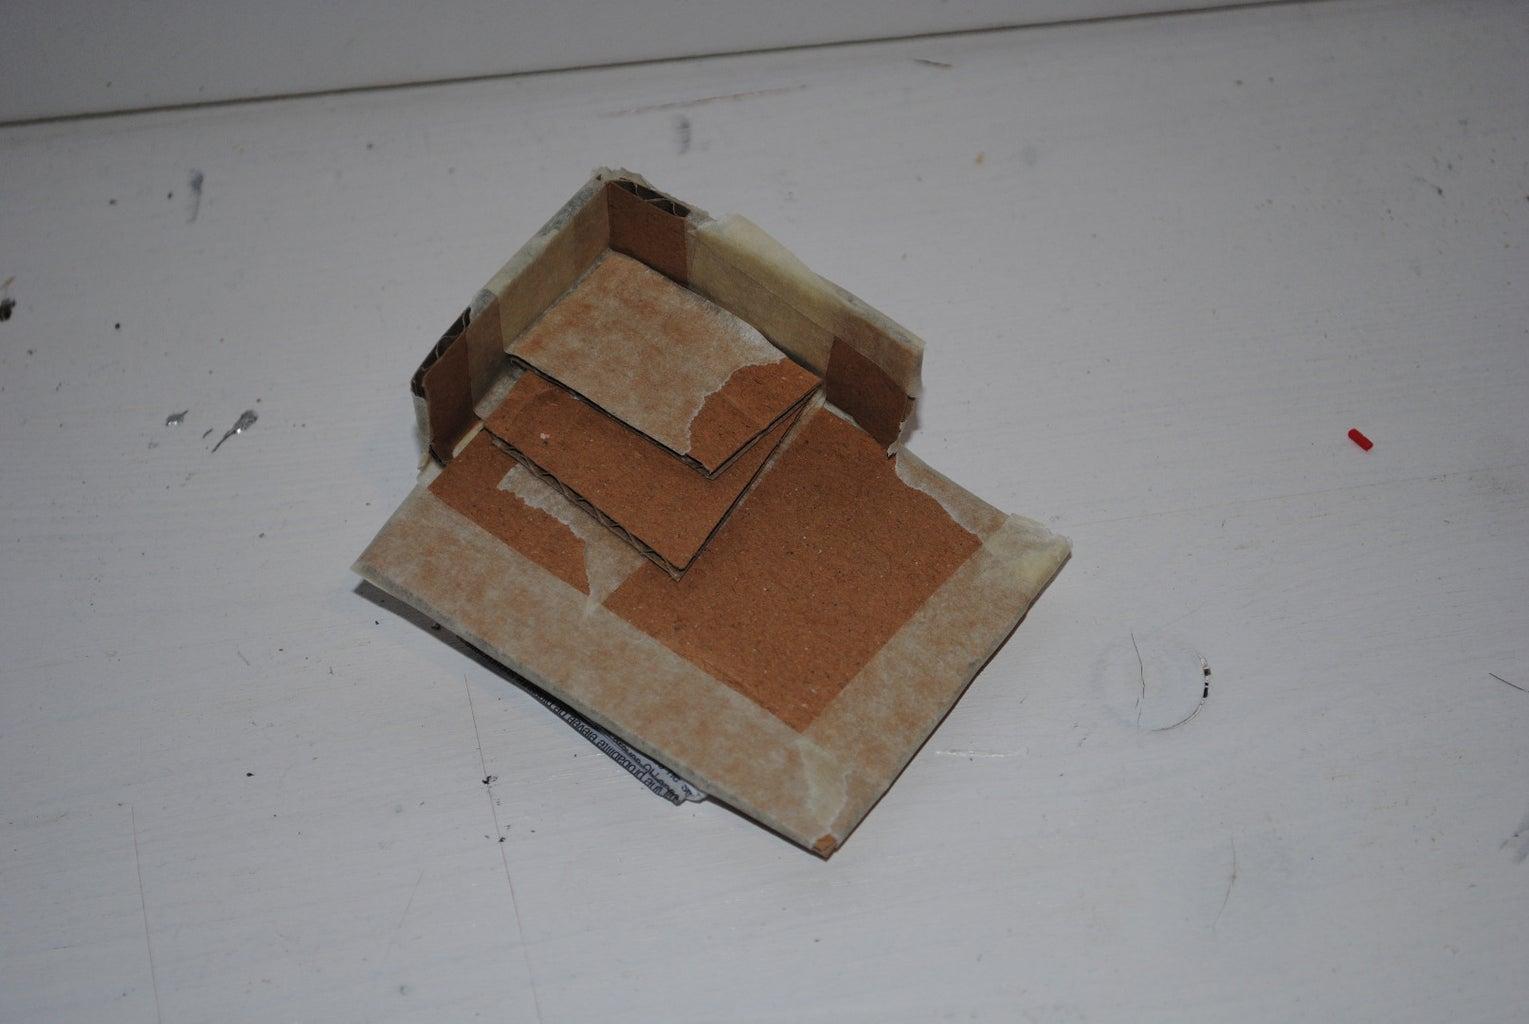 Cardboard-paper-planar-parts